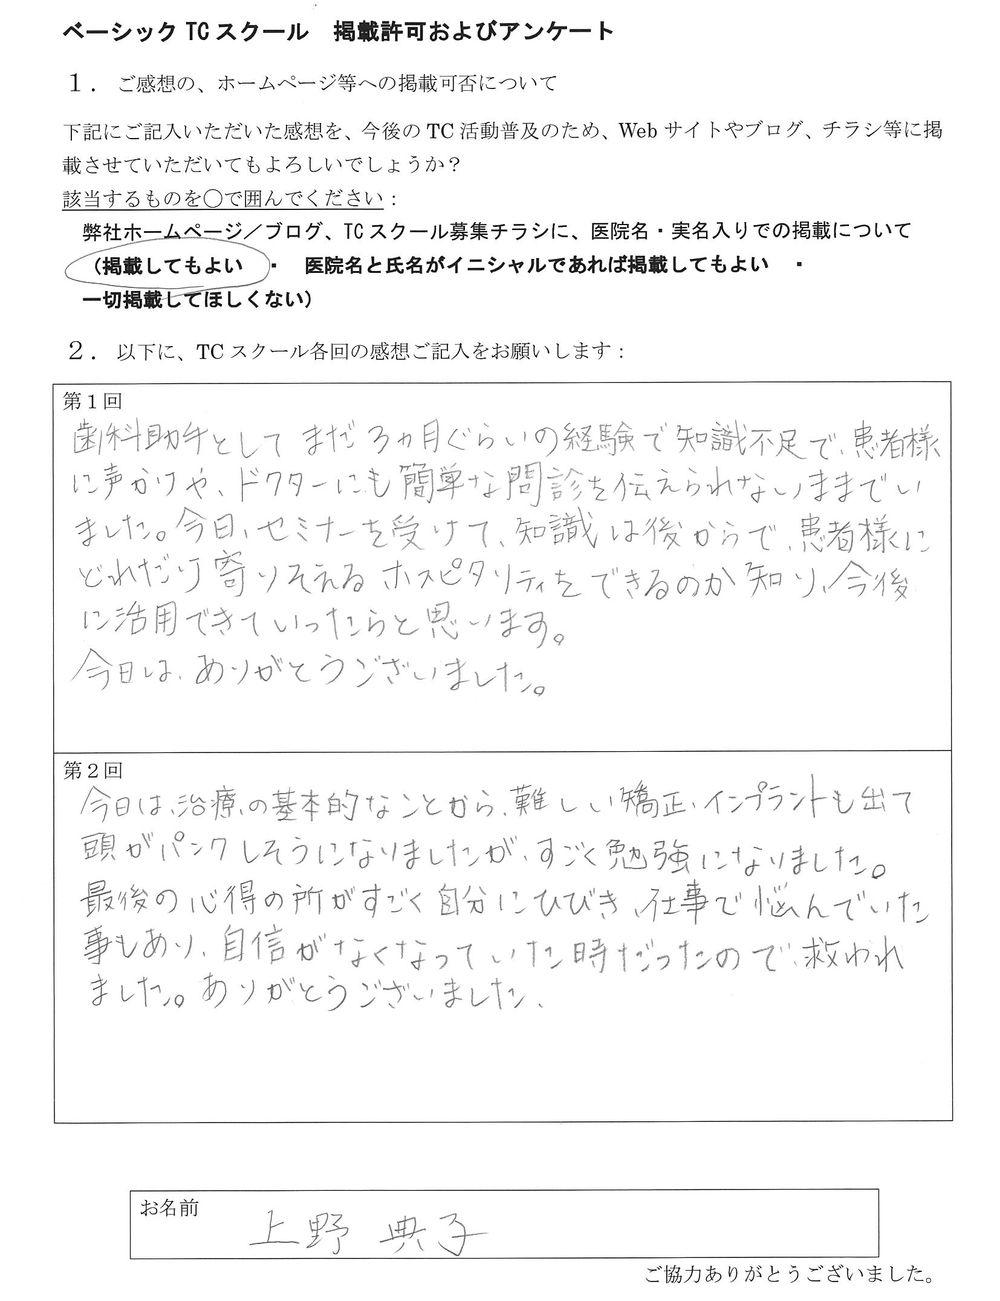 上野 典子様アンケート